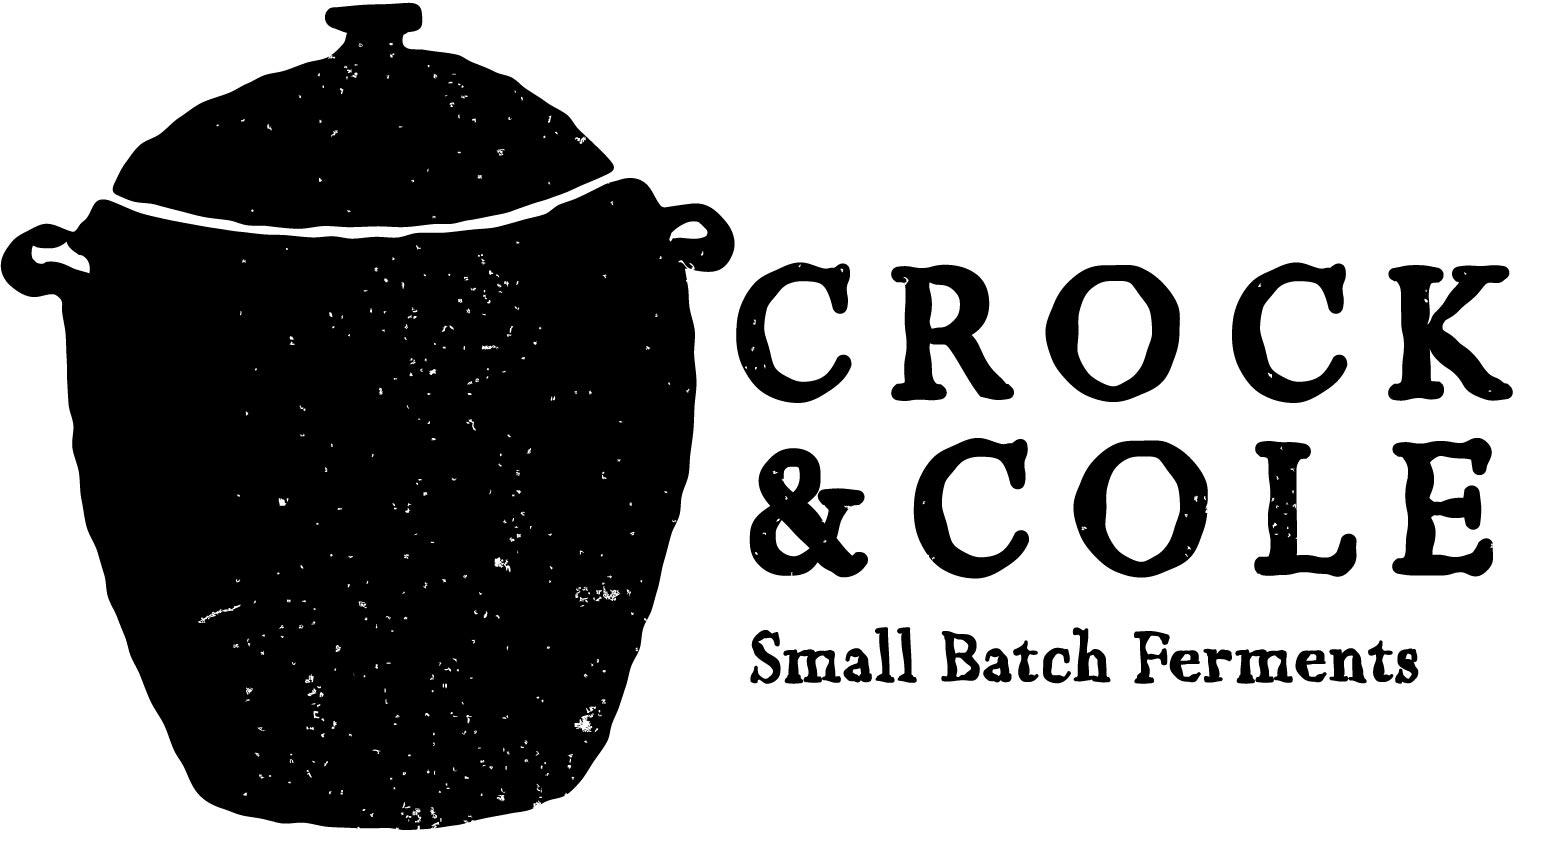 c+c.logo.2.jpg